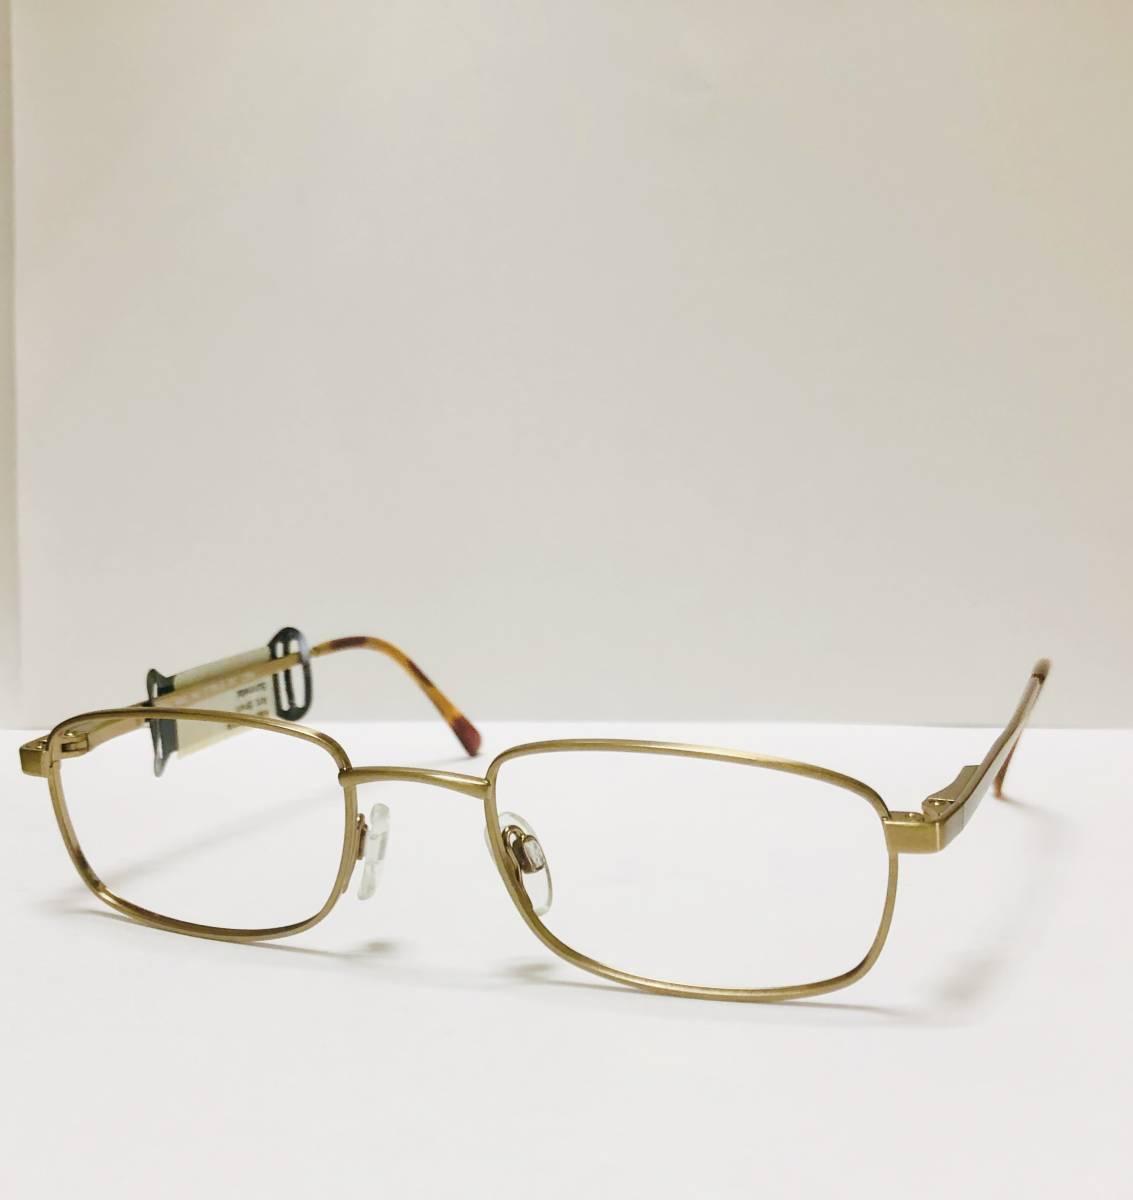 【1980年代・新品】 TITMUS 米国製 希少 鼈甲柄 タグ付き メガネ ビンテージ ヴィンテージ_画像2